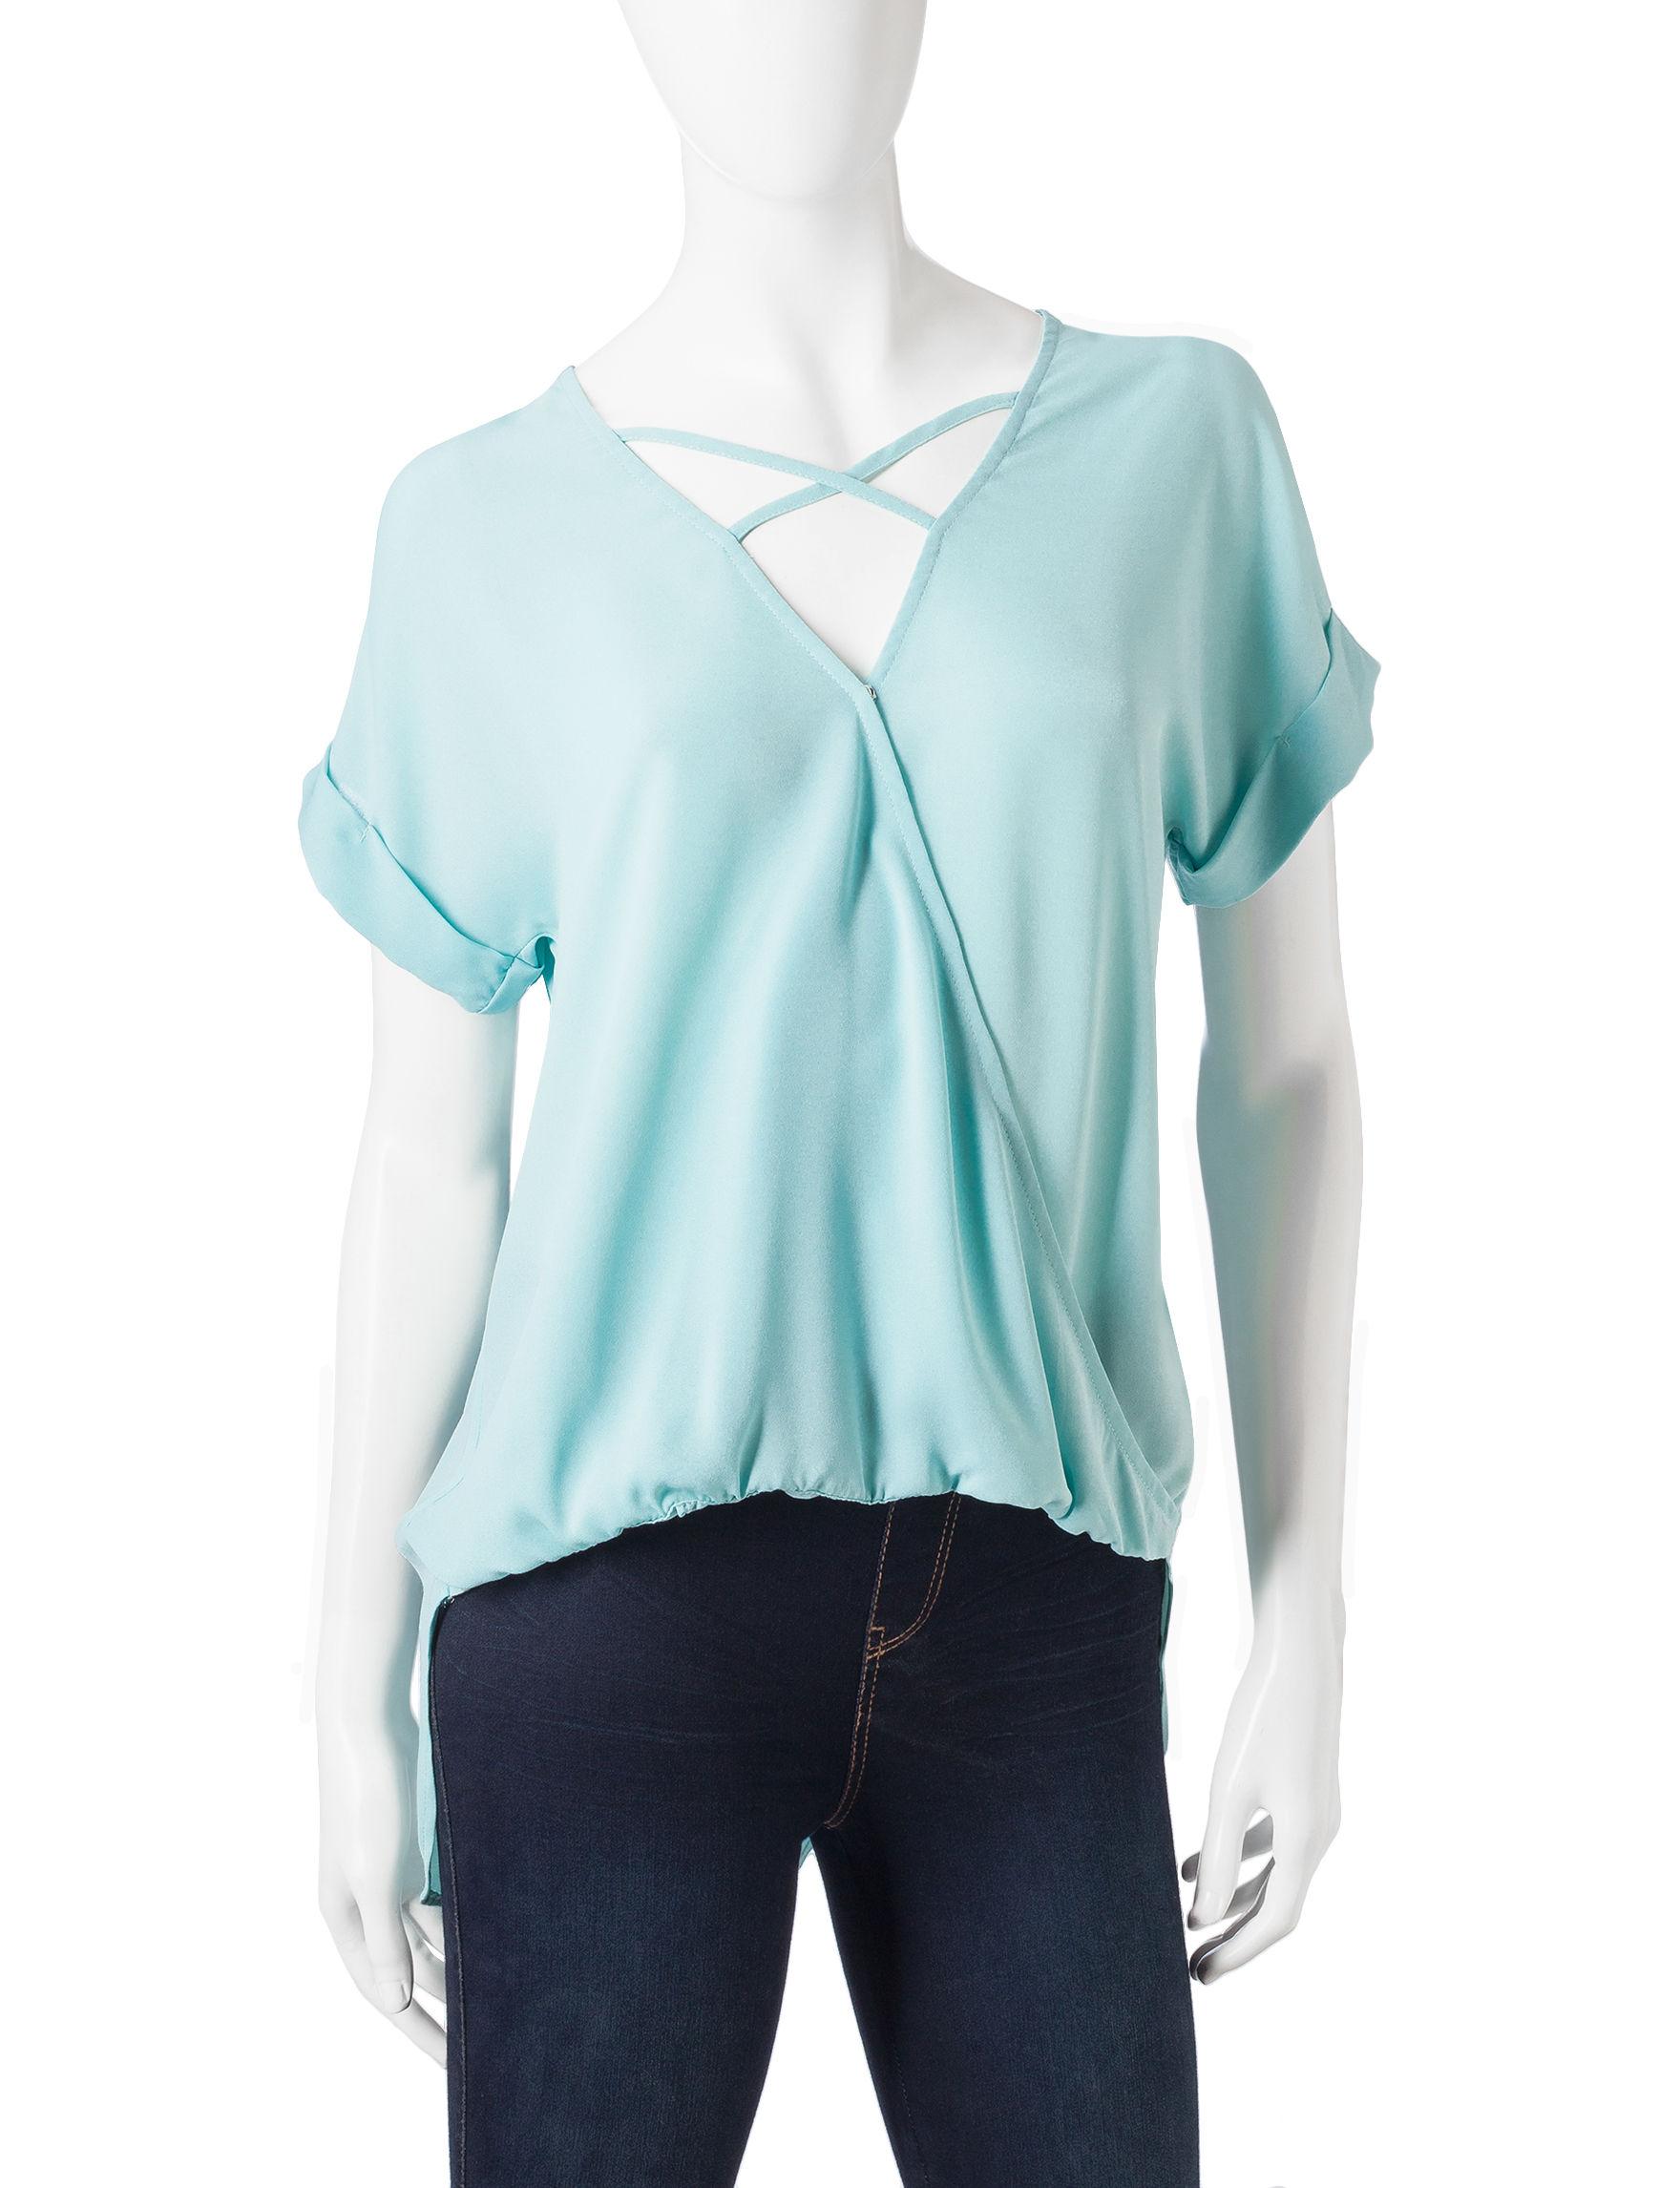 Wishful Park Aqua Shirts & Blouses